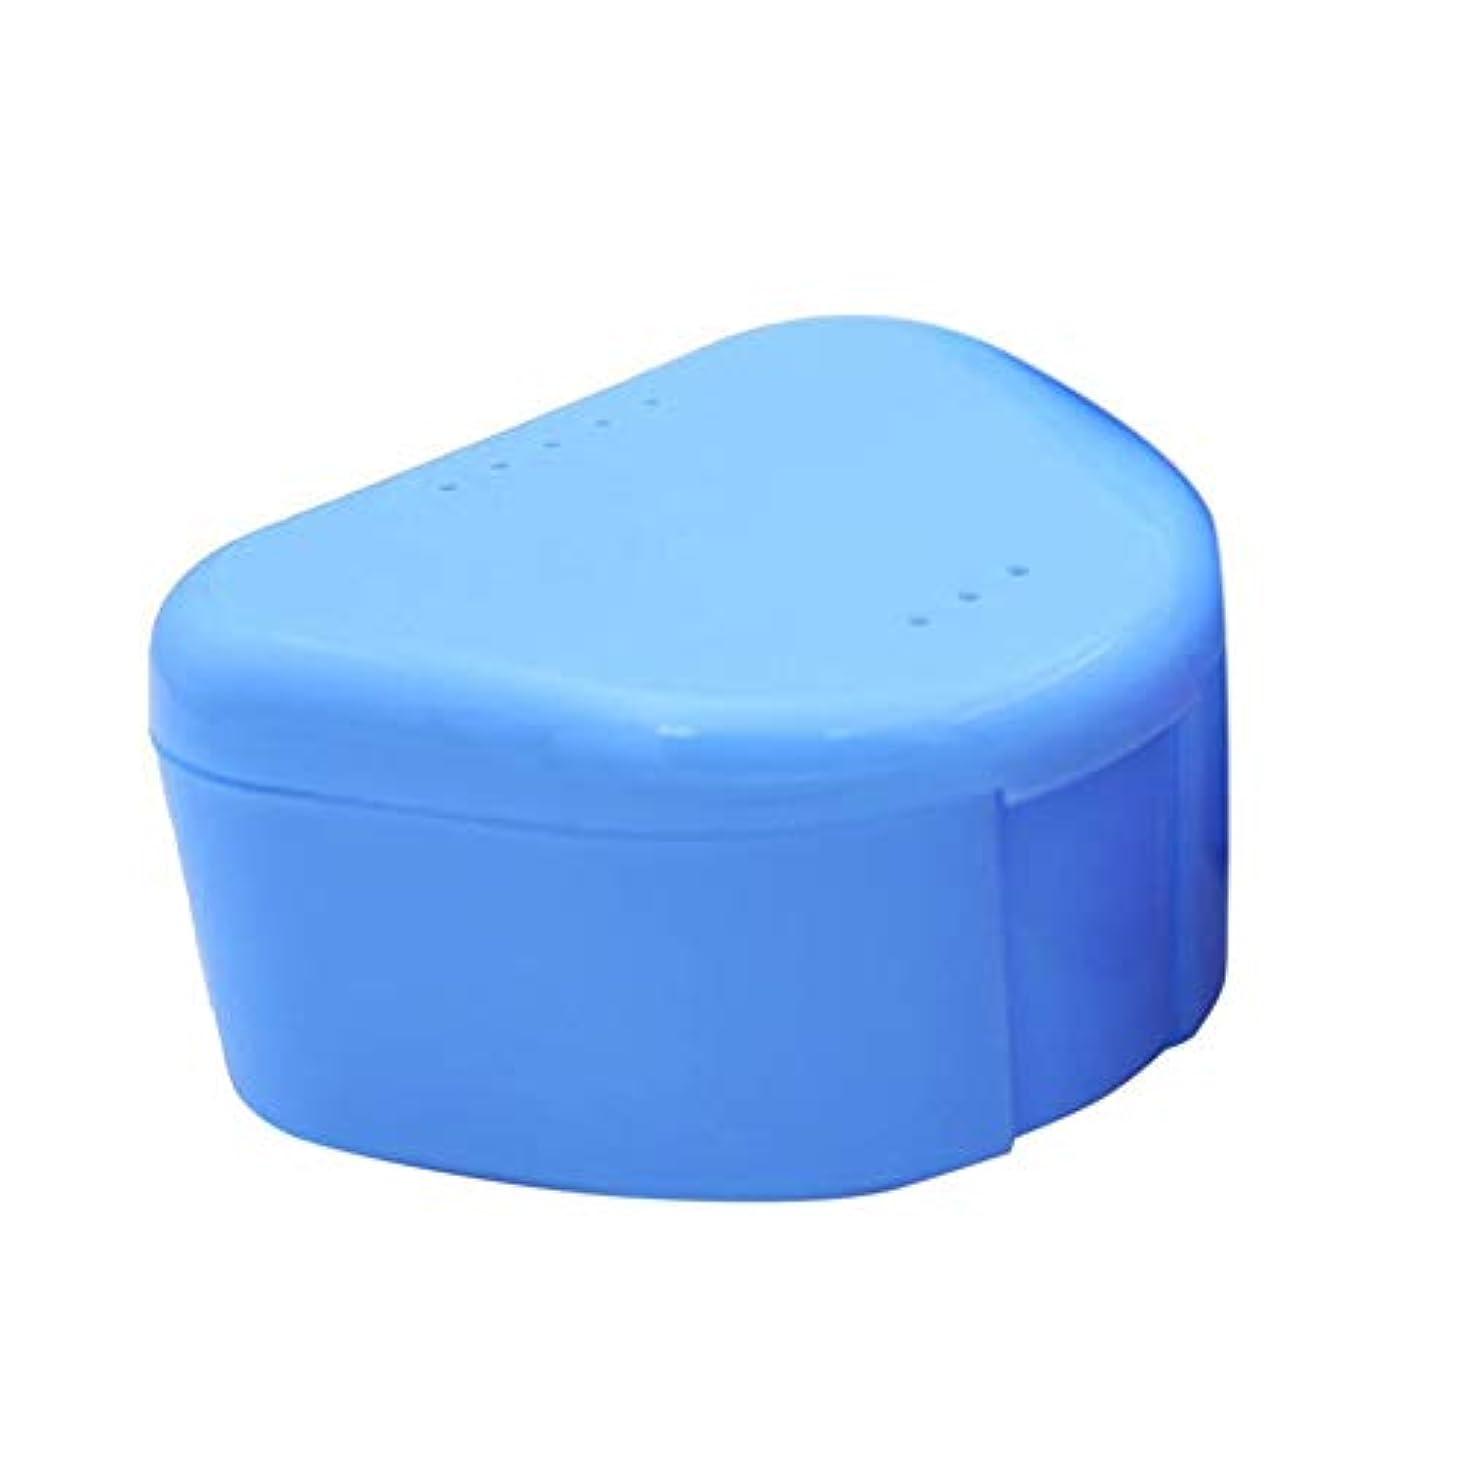 ノベルティどきどき最小デンタルリテーナーケースデンタルブレース偽歯収納ケースボックスマウスピースオーガナイザーオーラルヘルスケアデンタルトレイボックス(Color:random)